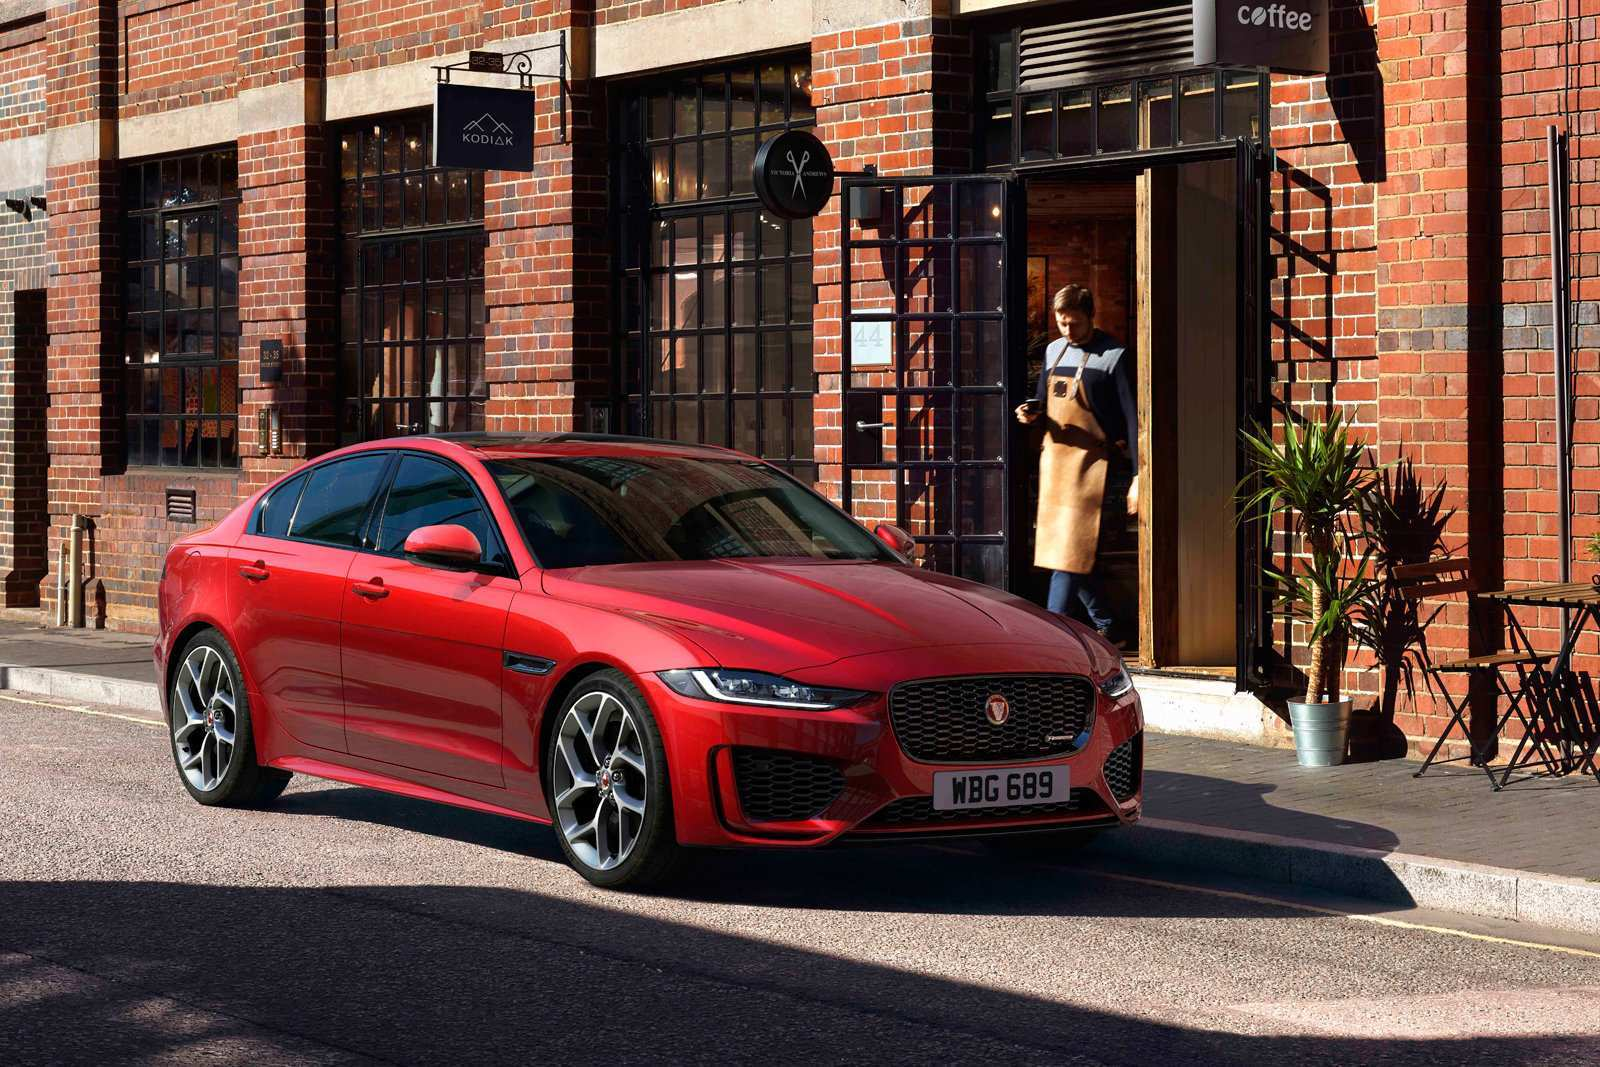 19 New Jaguar Xe 2020 Launch Rumors with Jaguar Xe 2020 Launch